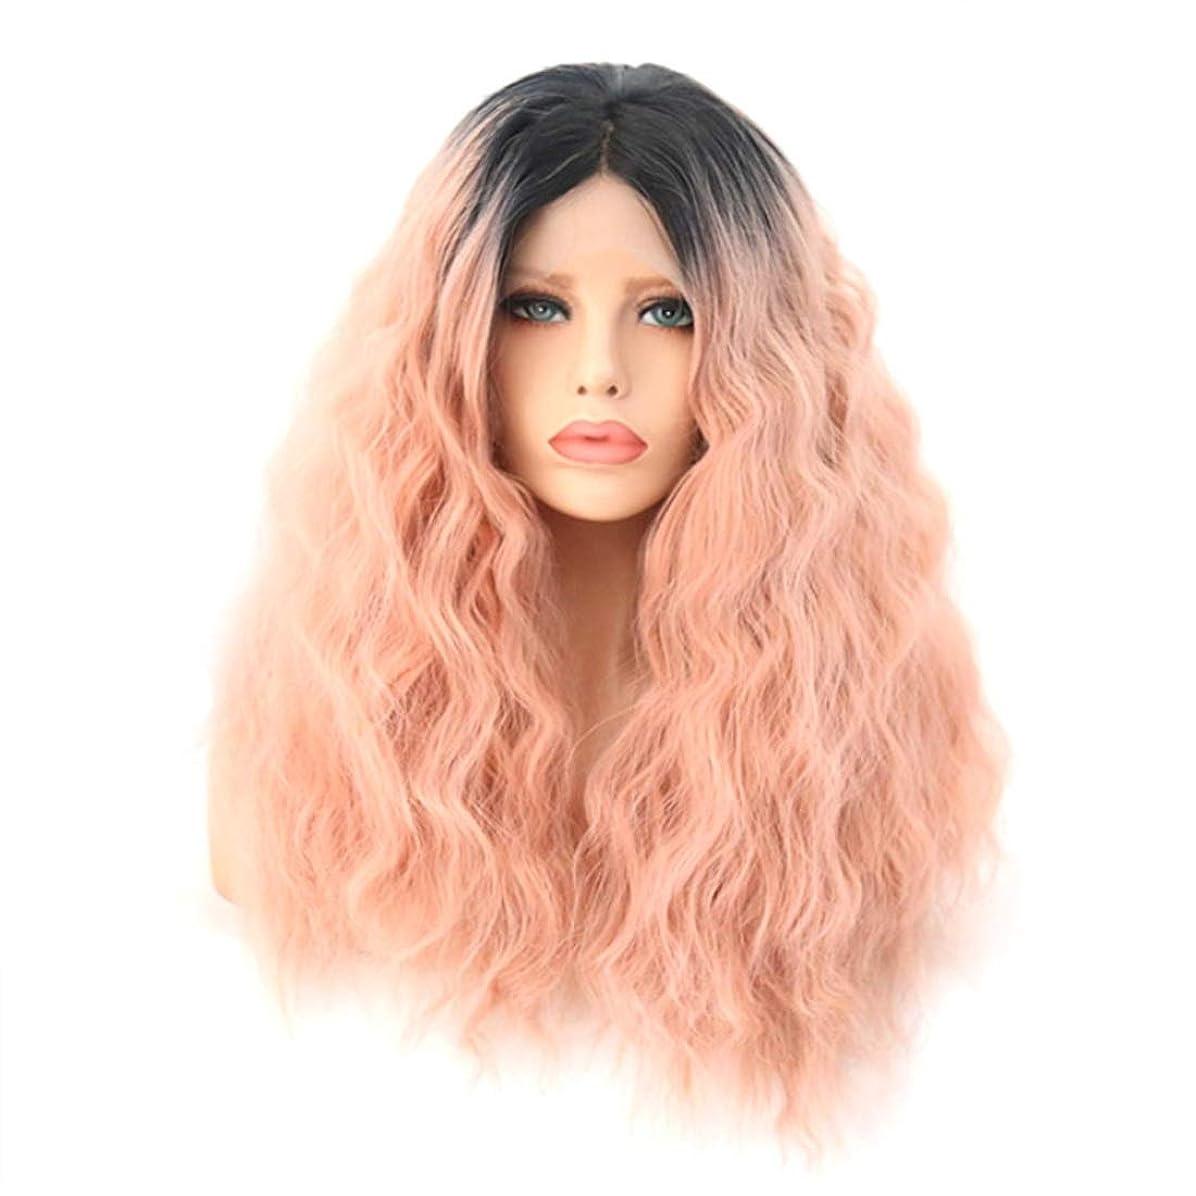 サミット本能製油所Summerys 女性のための自然な探している前部レースの合成繊維の毛髪のかつらと長い巻き毛のかつらのかつらの代わりのかつら (Size : 18 inches)